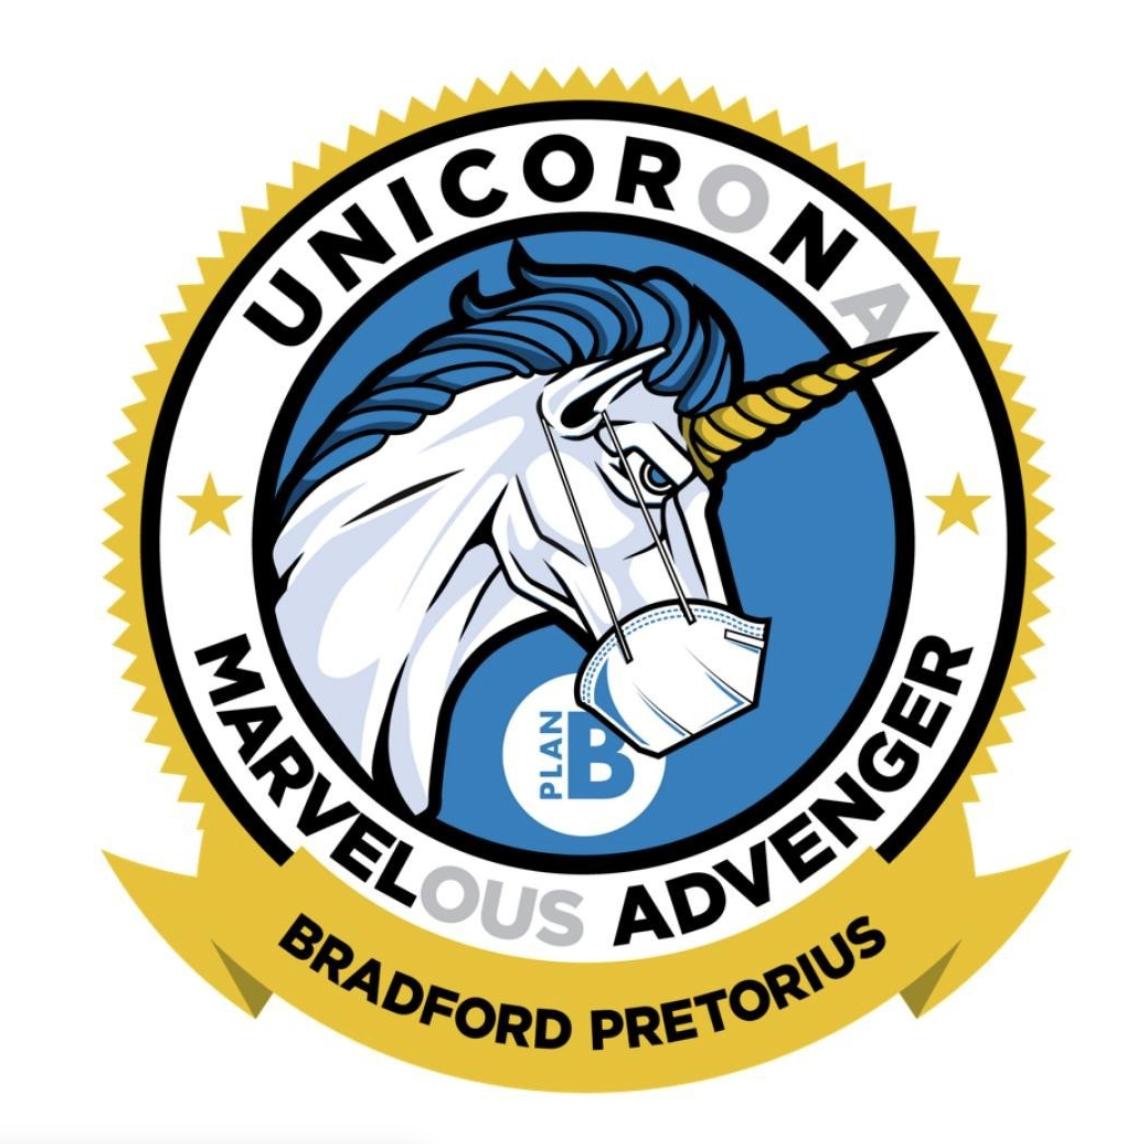 bradford pretorious unicorn award